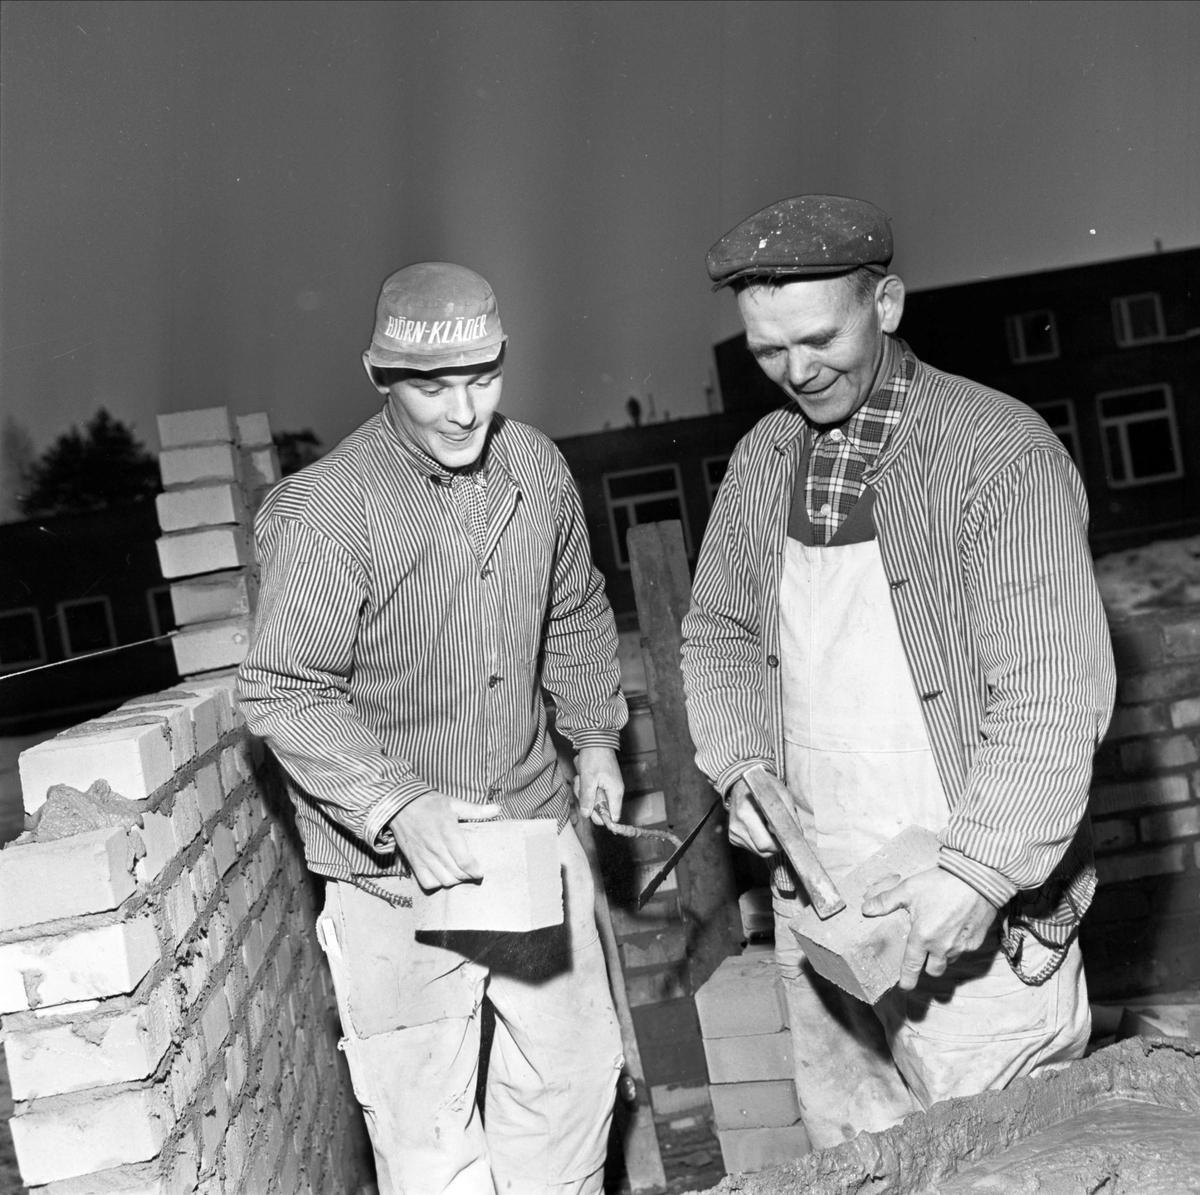 Murare bygger högstadieskola, Tierp, Uppland 1966